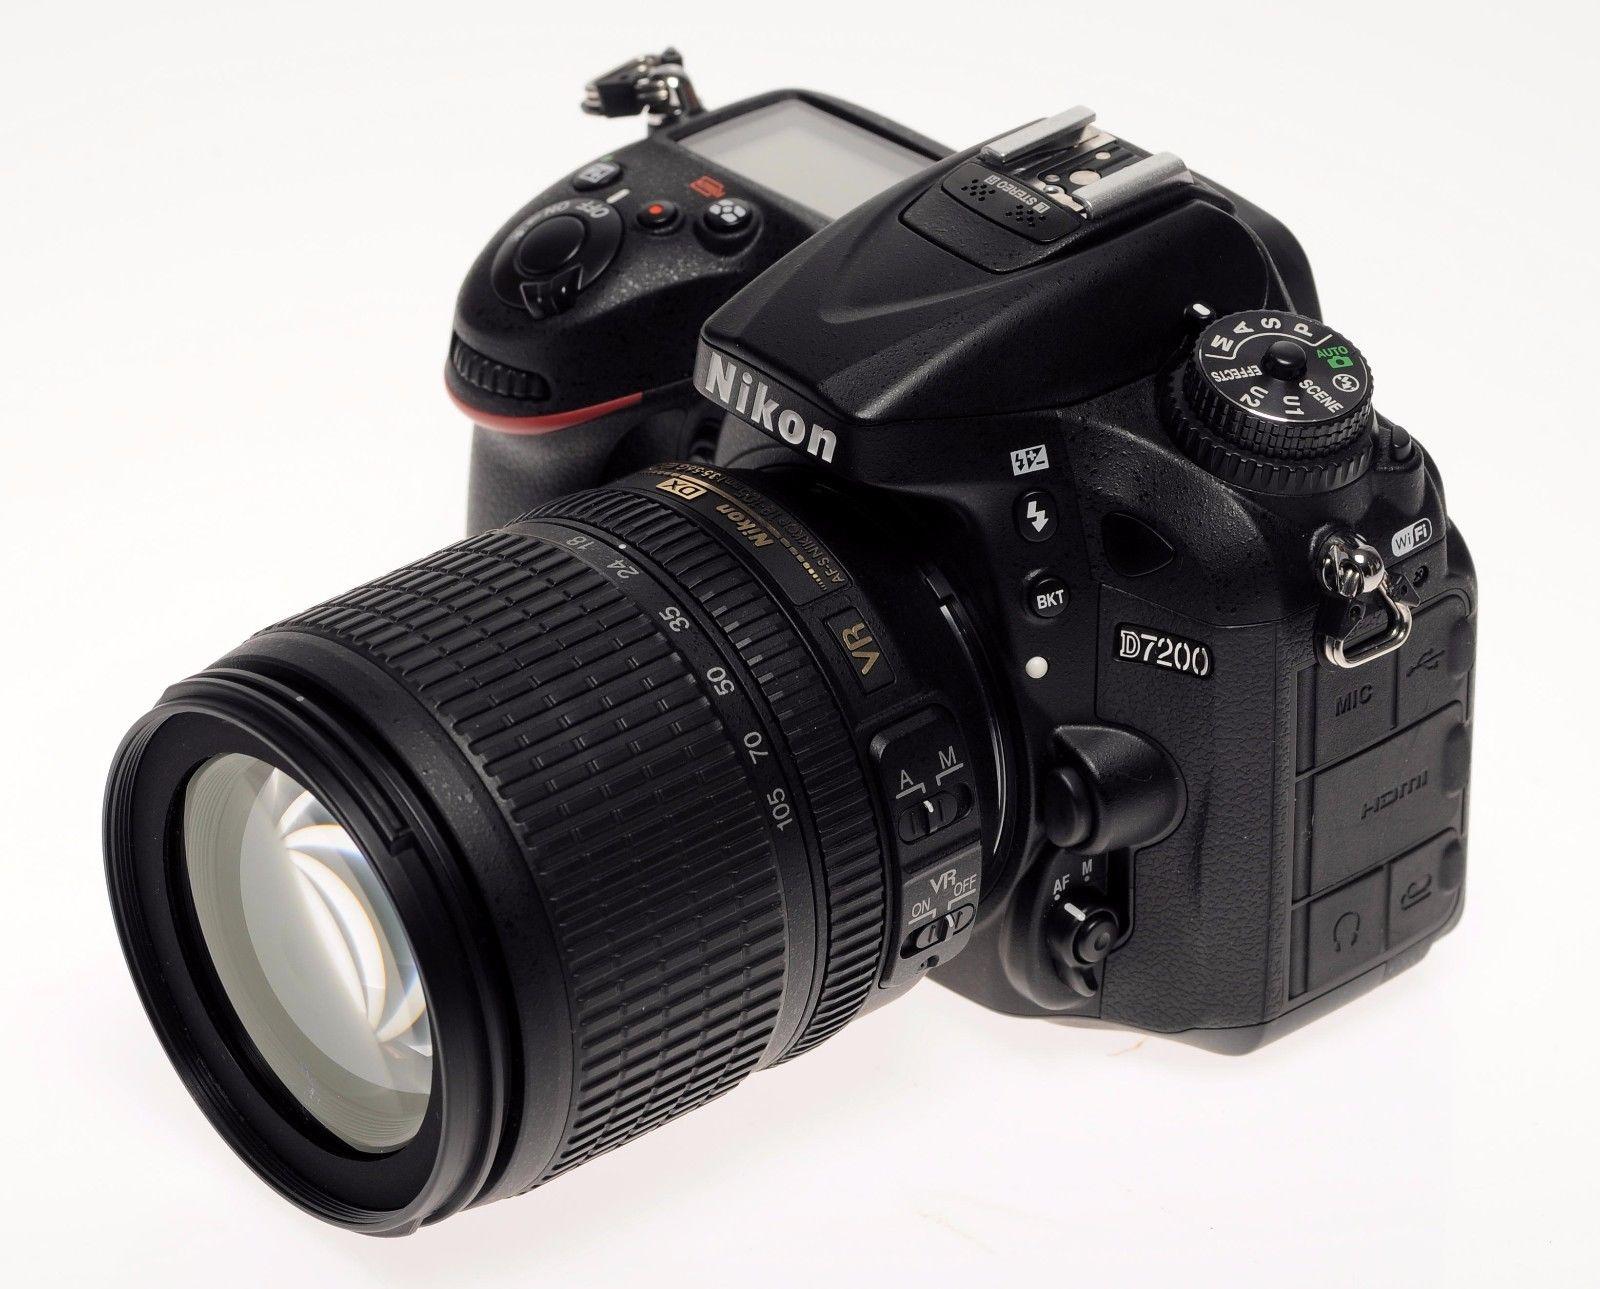 Nikon D7200+18-105 KIT Schwarz -gebraucht---- TOP ZUSTAND---